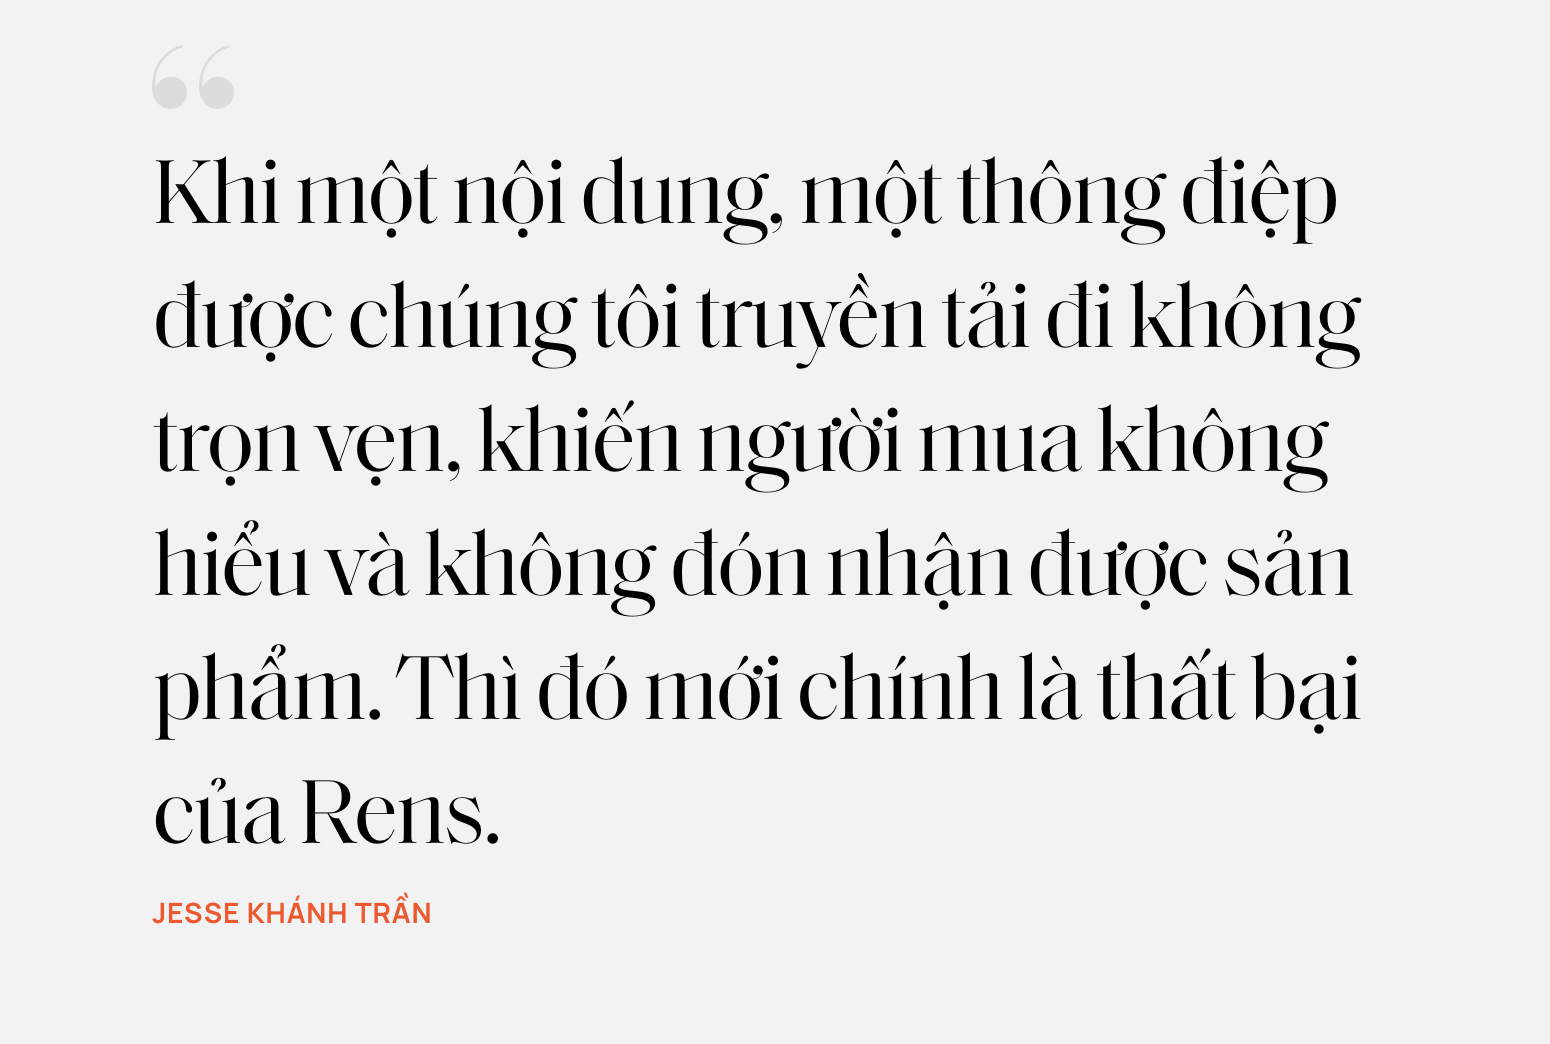 Jesse Khánh Trần và Sơn Chu: Bước ra thế giới với những đôi giày làm từ bã cafe và chai nhựa - Ảnh 13.